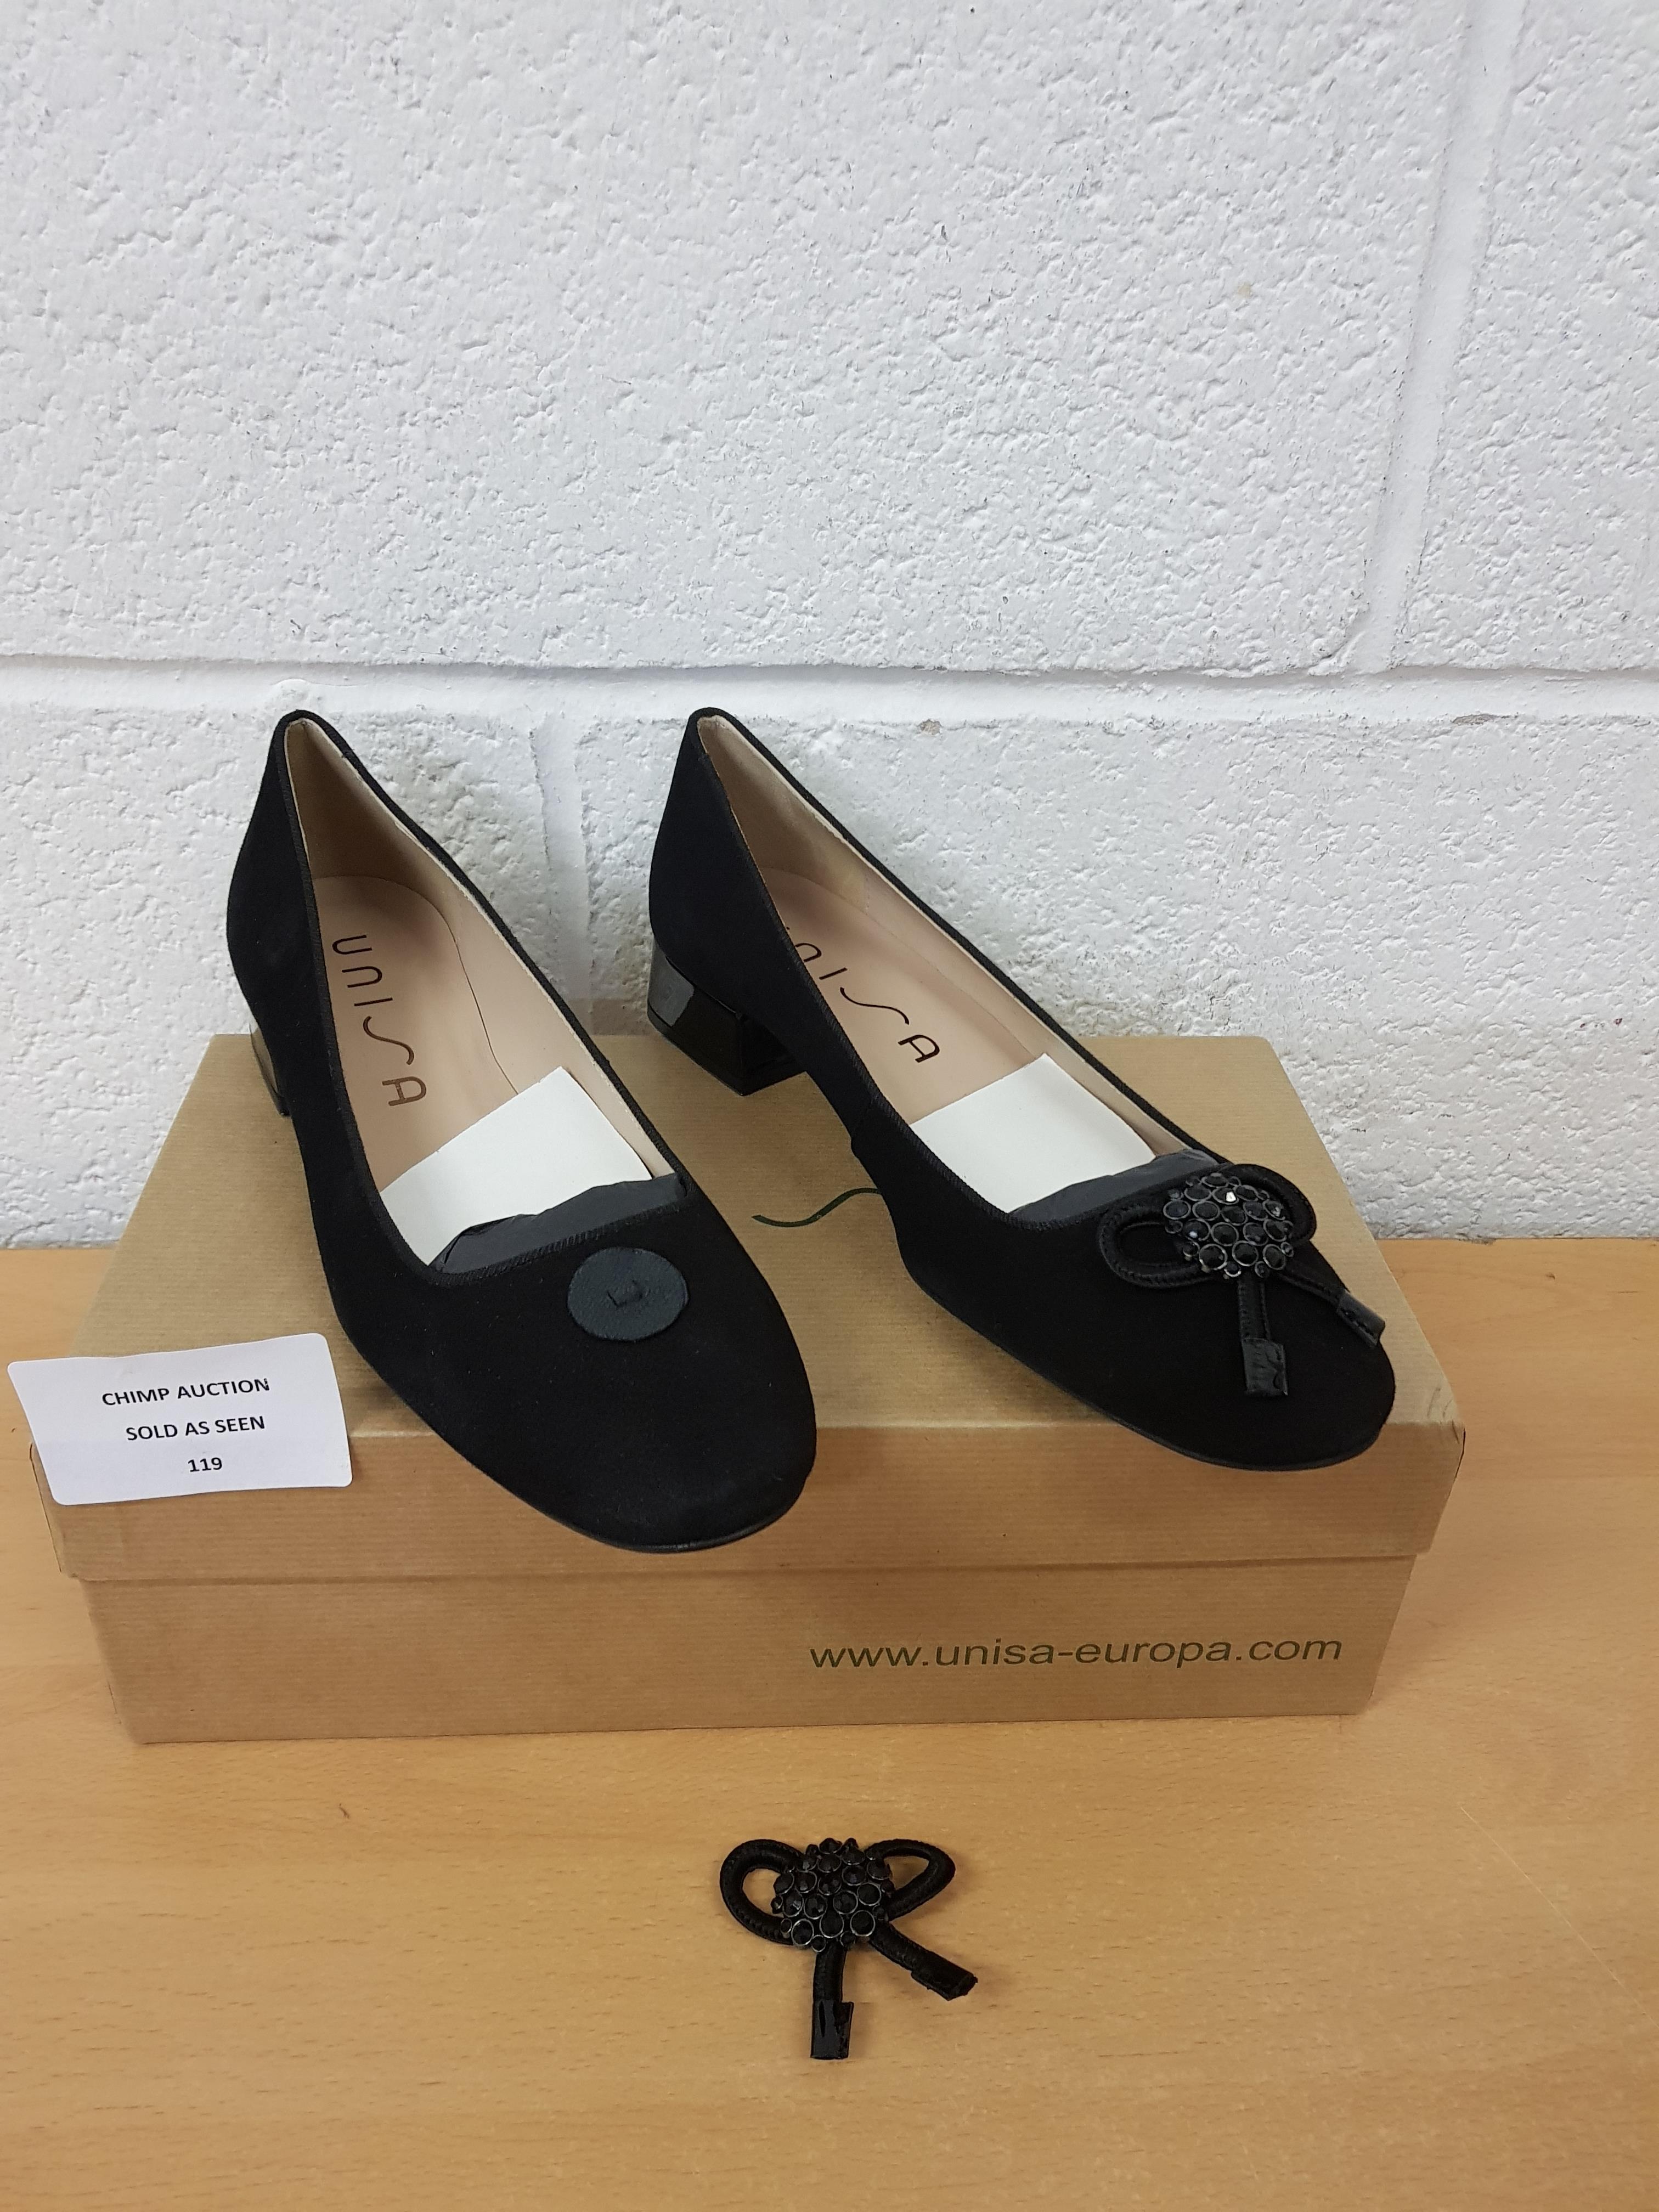 Lot 119 - Unisa ladies shoes EU 39